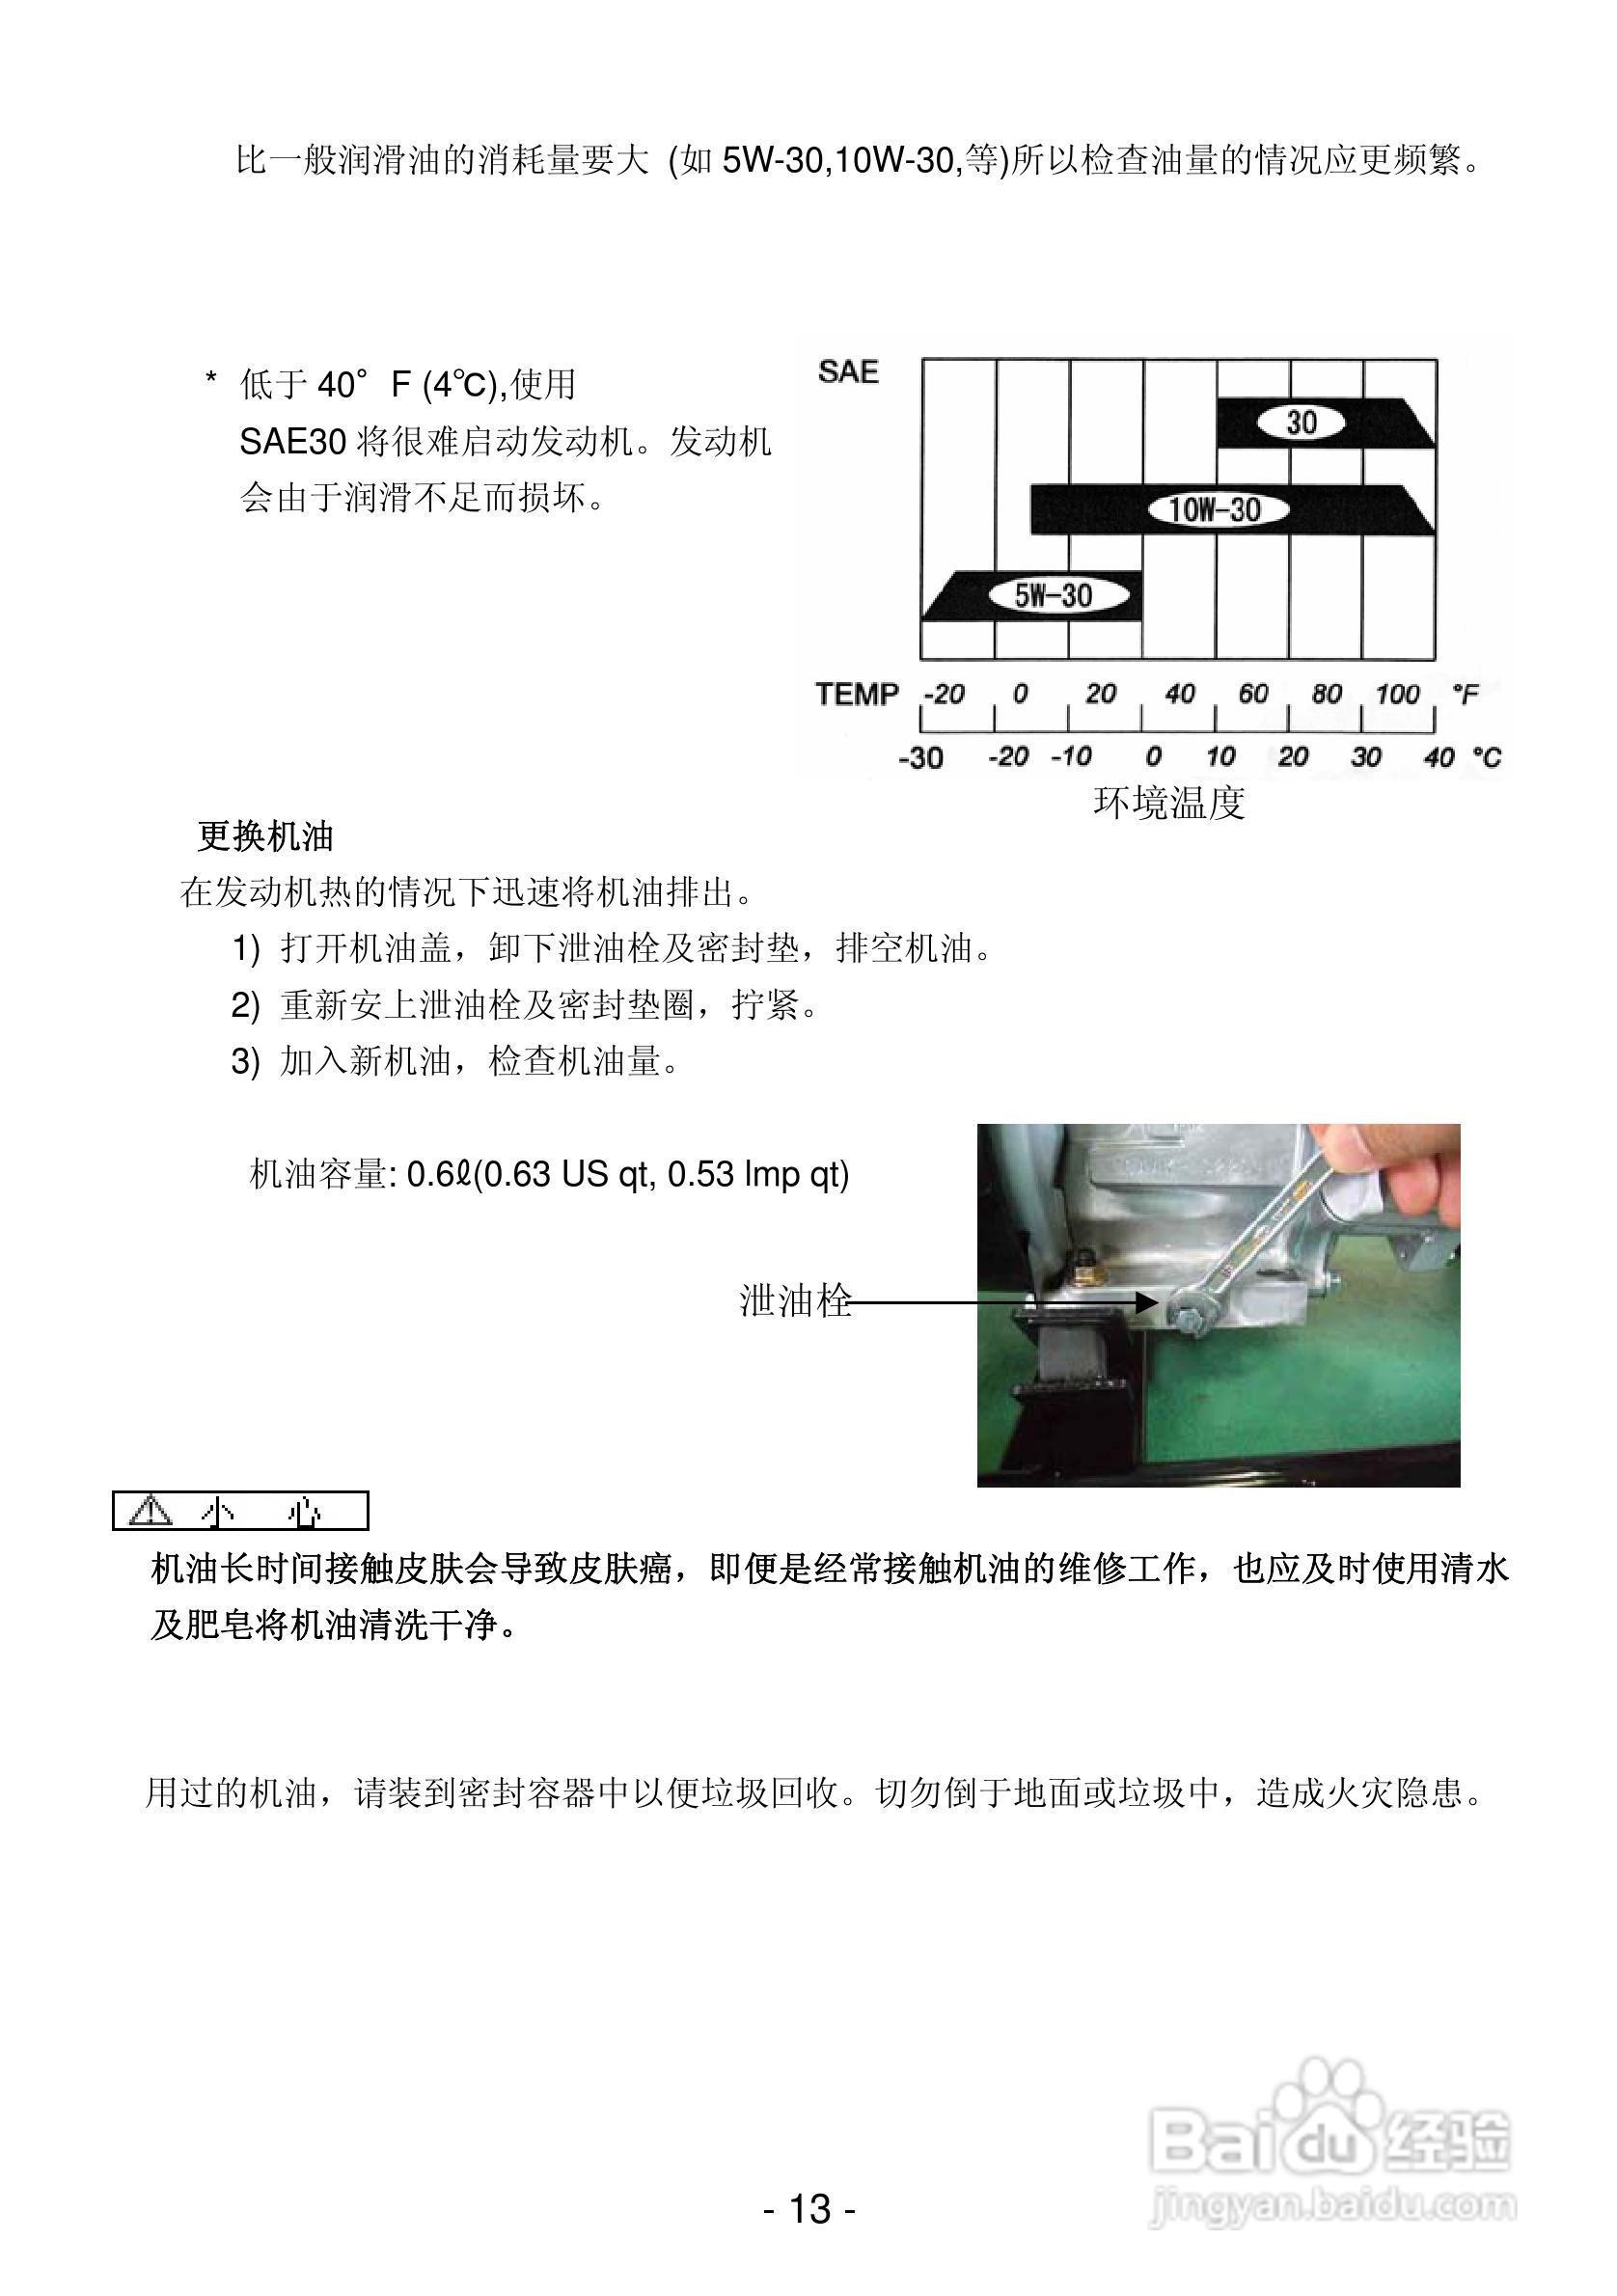 hg dai shin sga3001ha 便携式发电机产品 高清图片